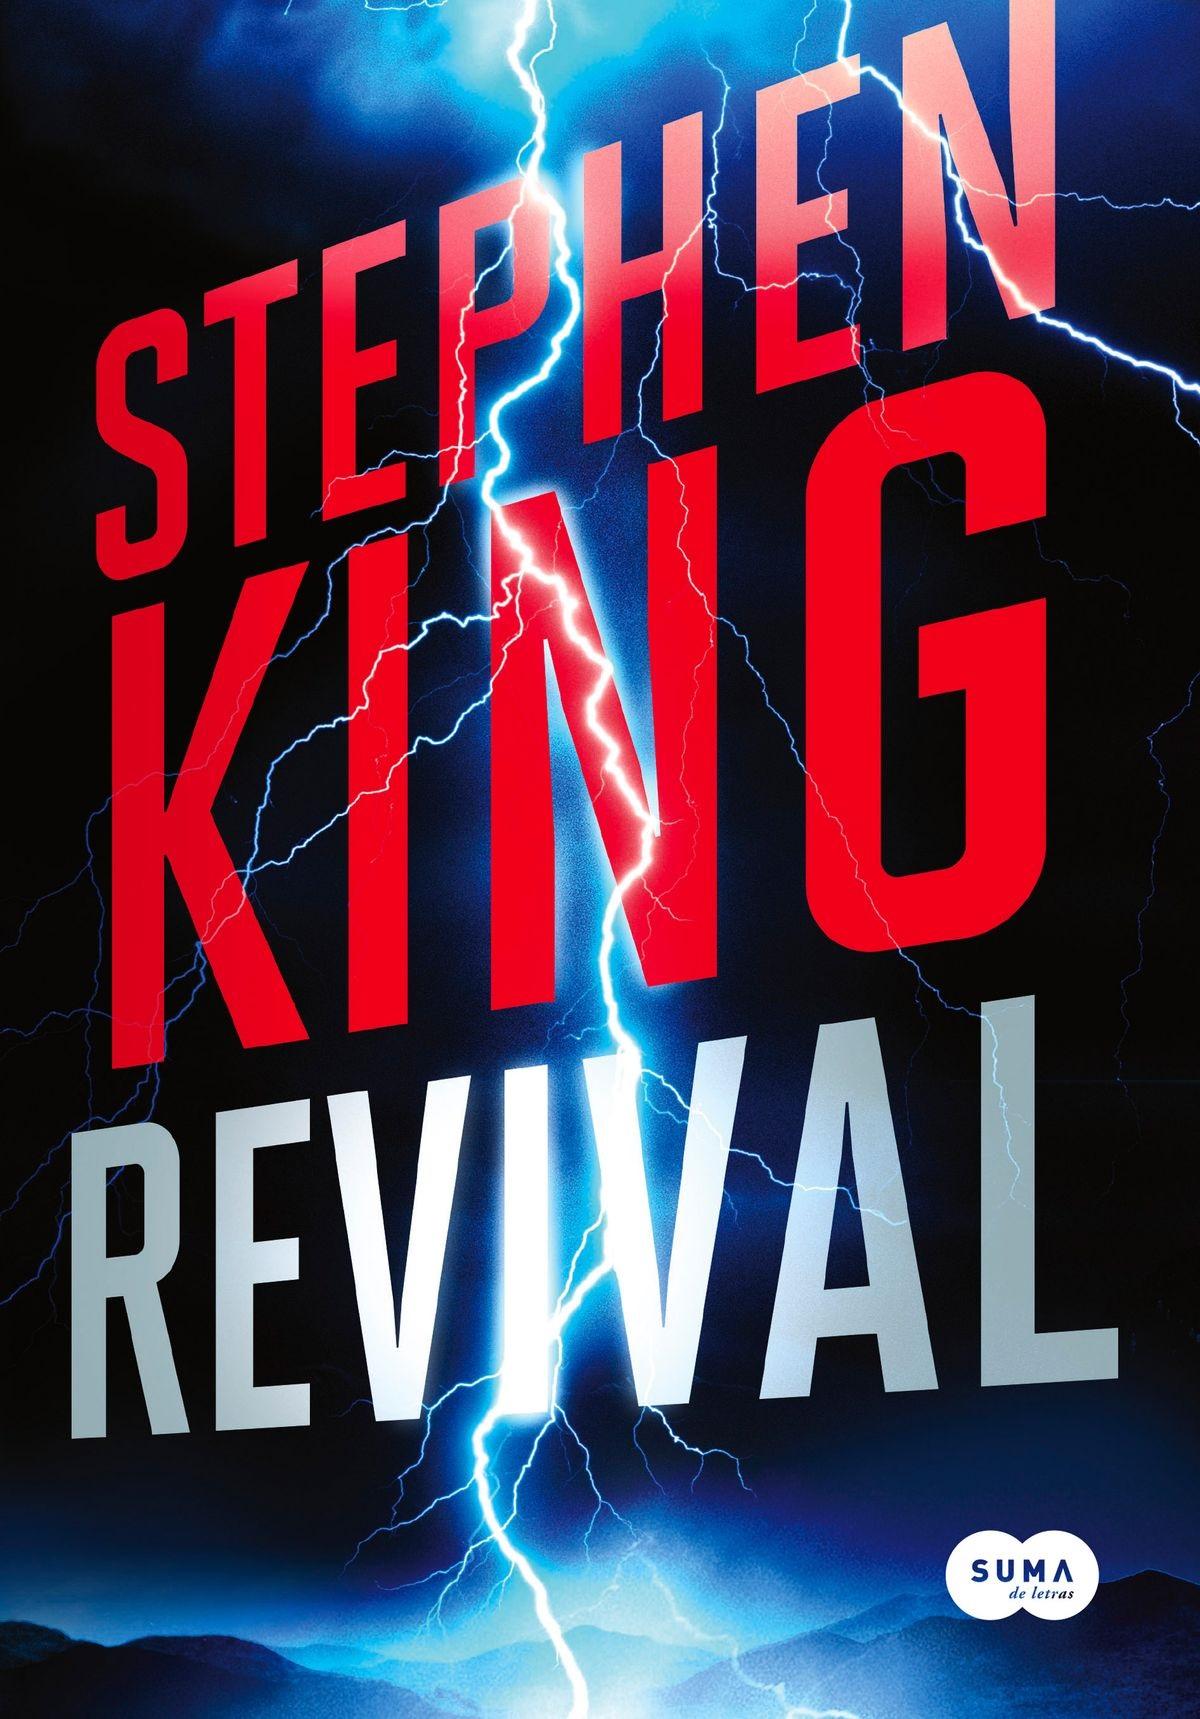 revival film 1